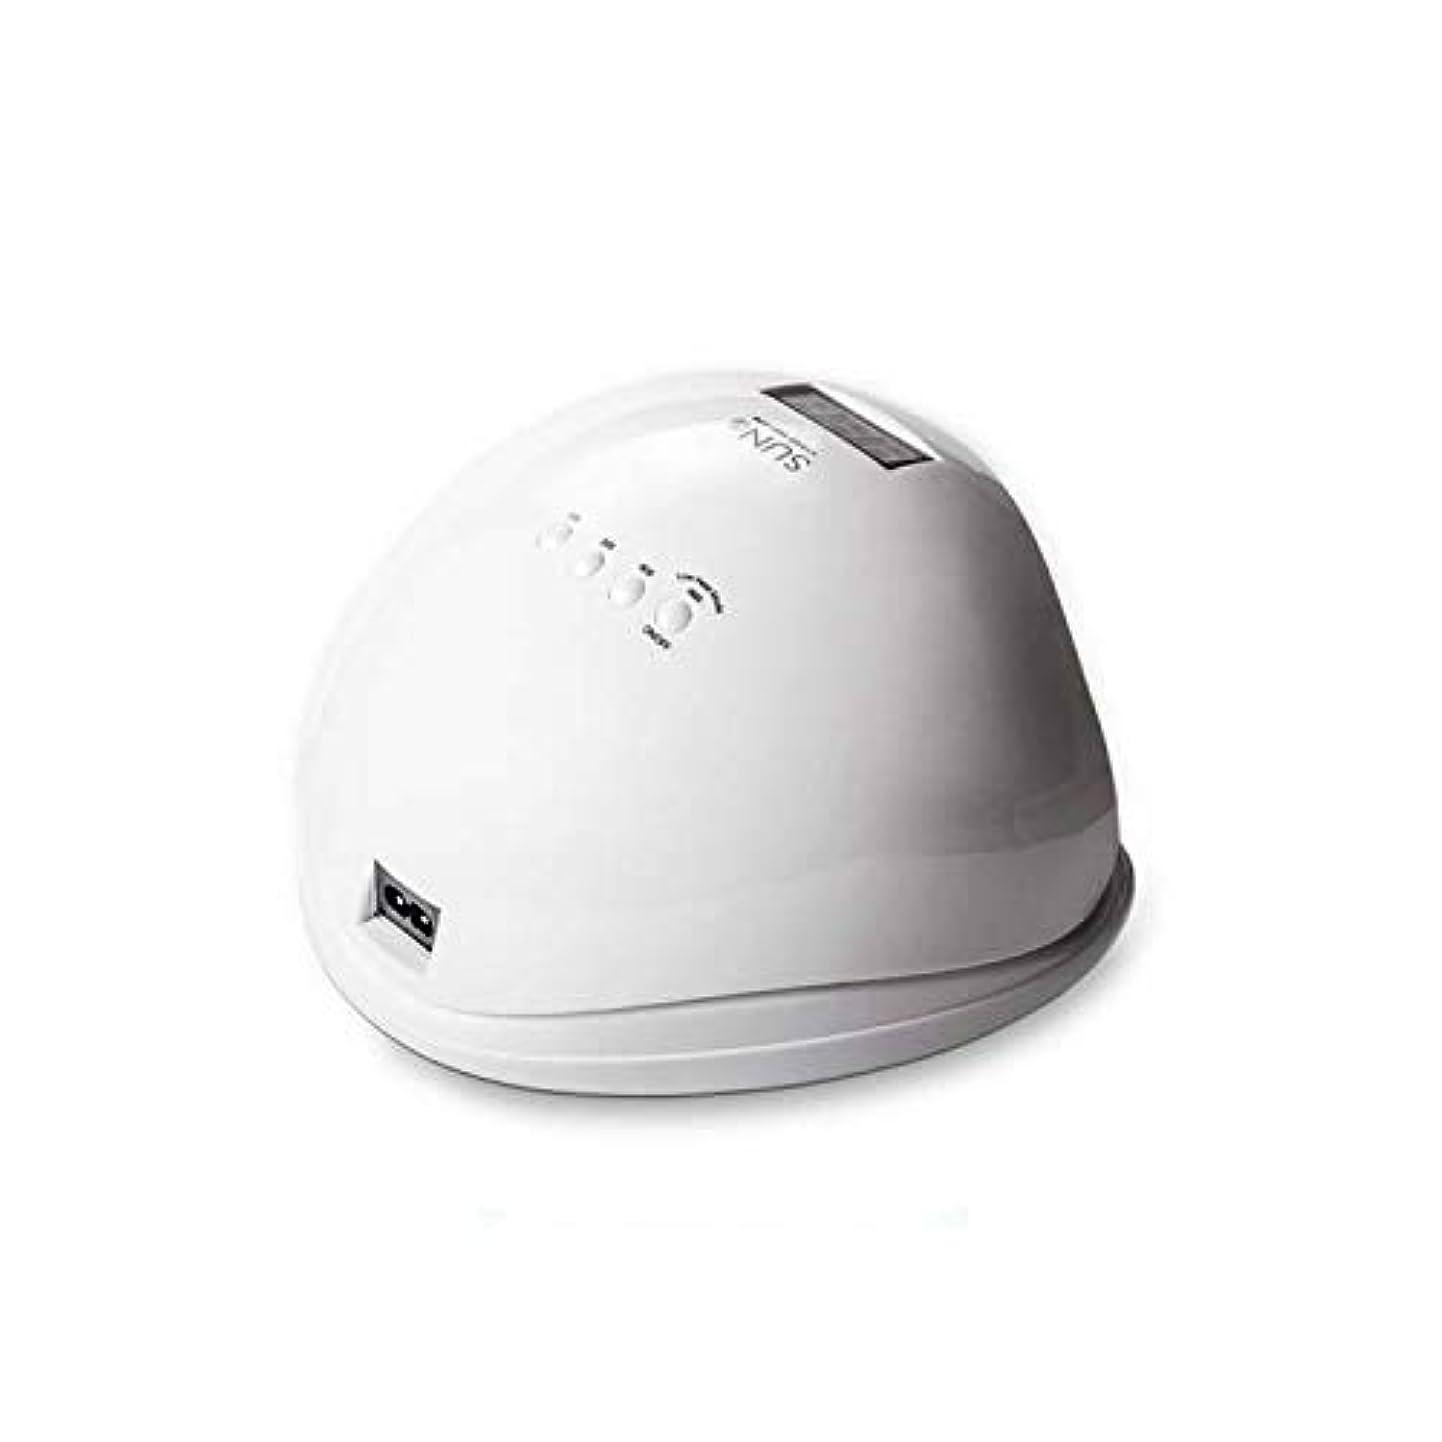 荒涼としたホールドオール感性ネイルドライヤーネイルランプUV LEDジェルポリッシュ2光源4タイマーオートセンサーデジタルディスプレイ